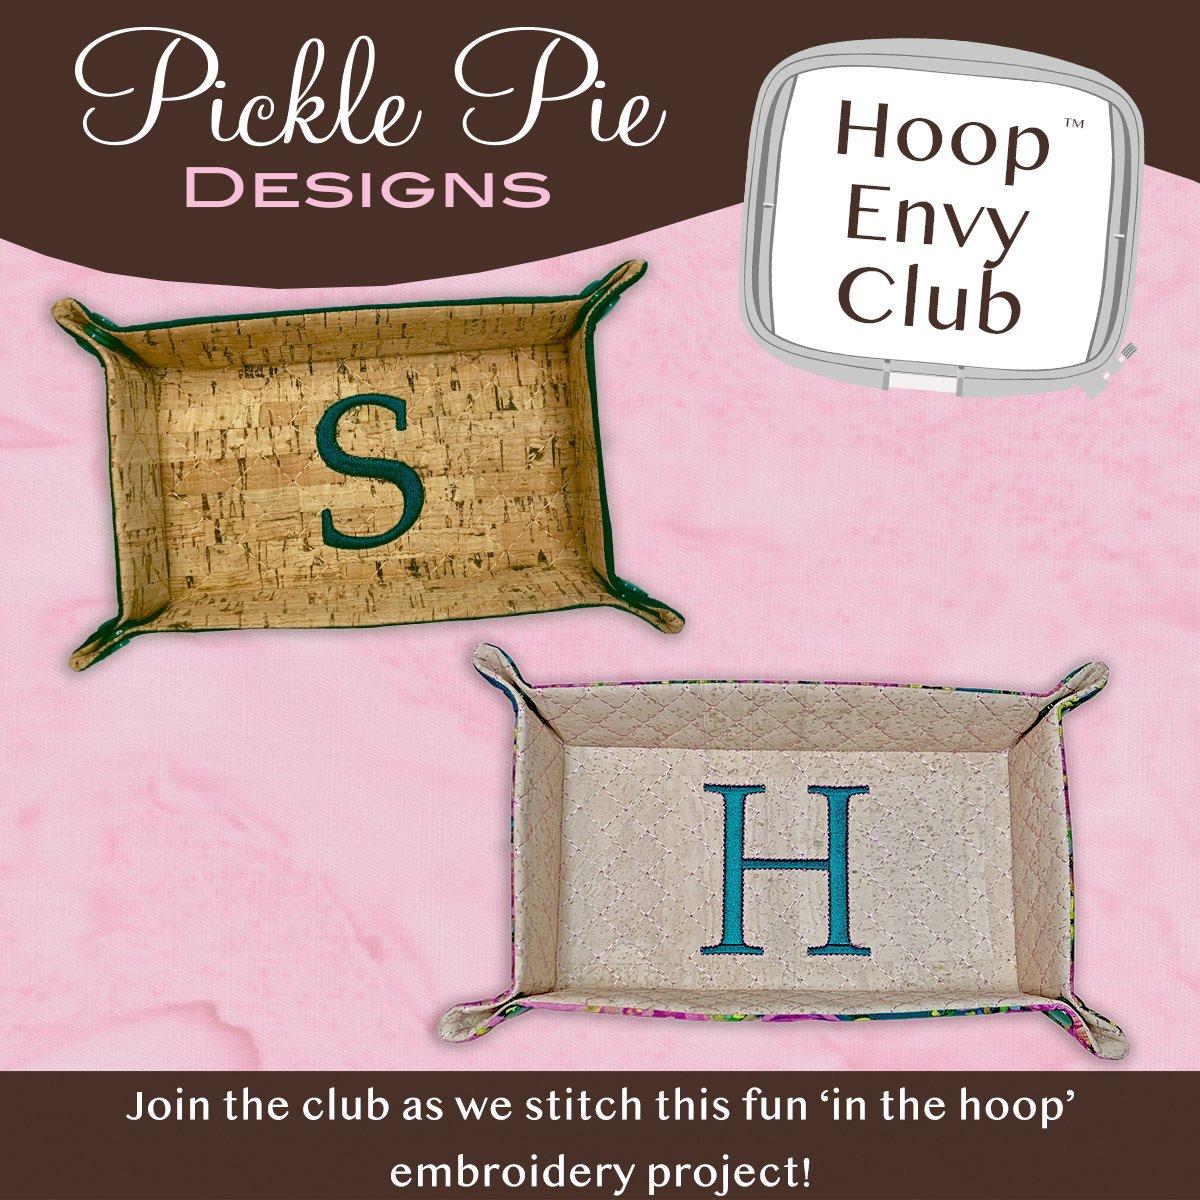 Hoop Envy Club Kit - January 2021